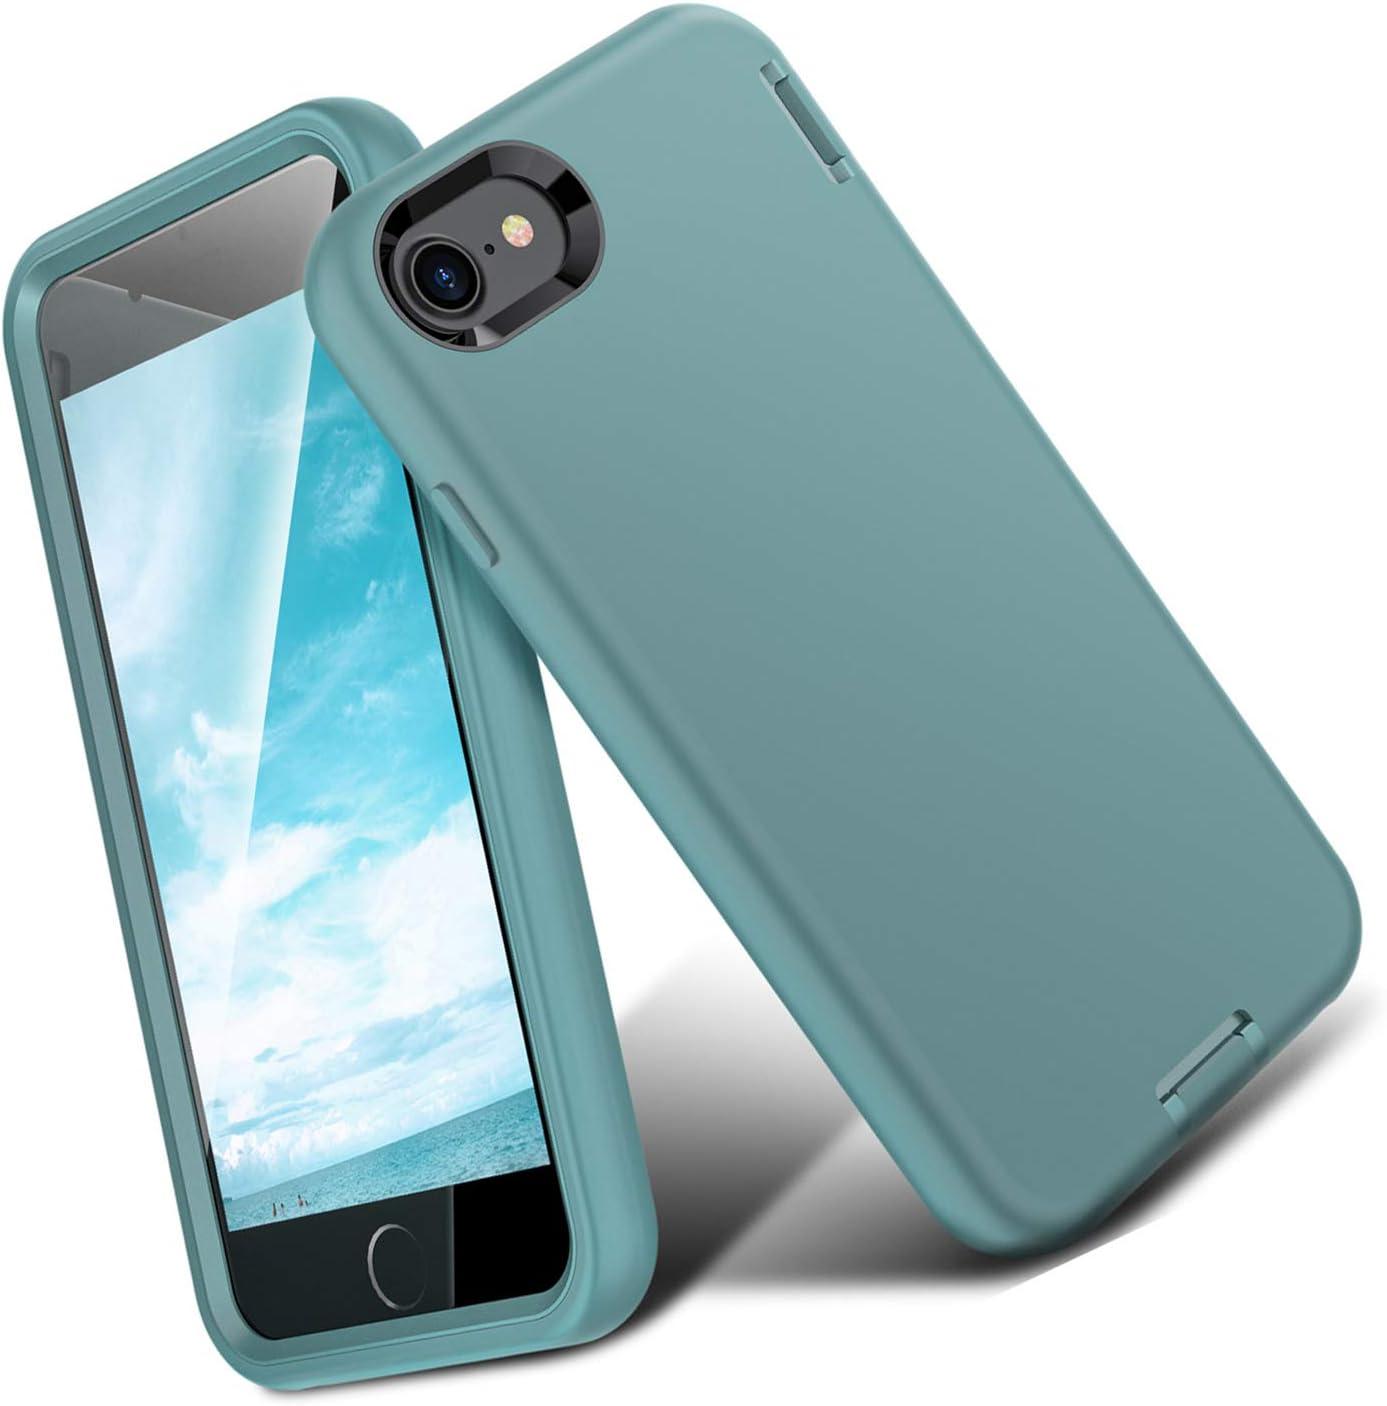 ORIbox Liquid Silicone iPhone 8 Plus Case & iPhone 7 Plus Case, Soft-Touch Finish of The Liquid Silicone Exterior Feels, No Regret Case for iPhone 8 Plus & iPhone 7 Plus for Women & Men, Green